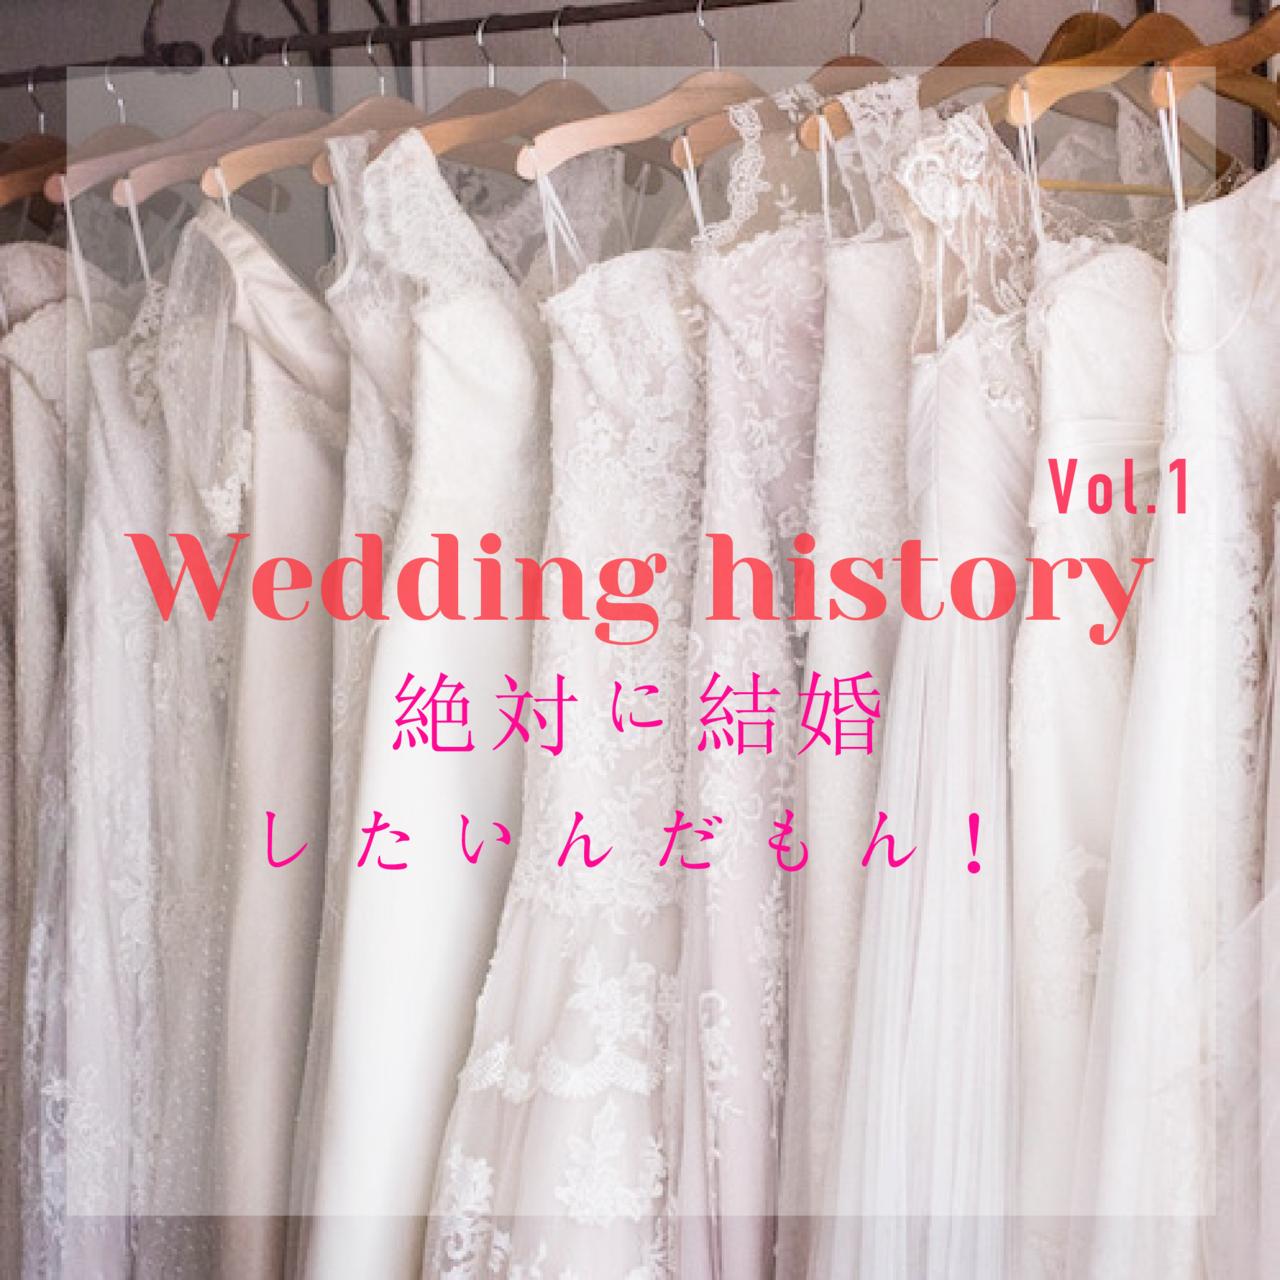 Wedding history〜前半〜 結婚したい!20代で20回お見合いしました - BLANCA